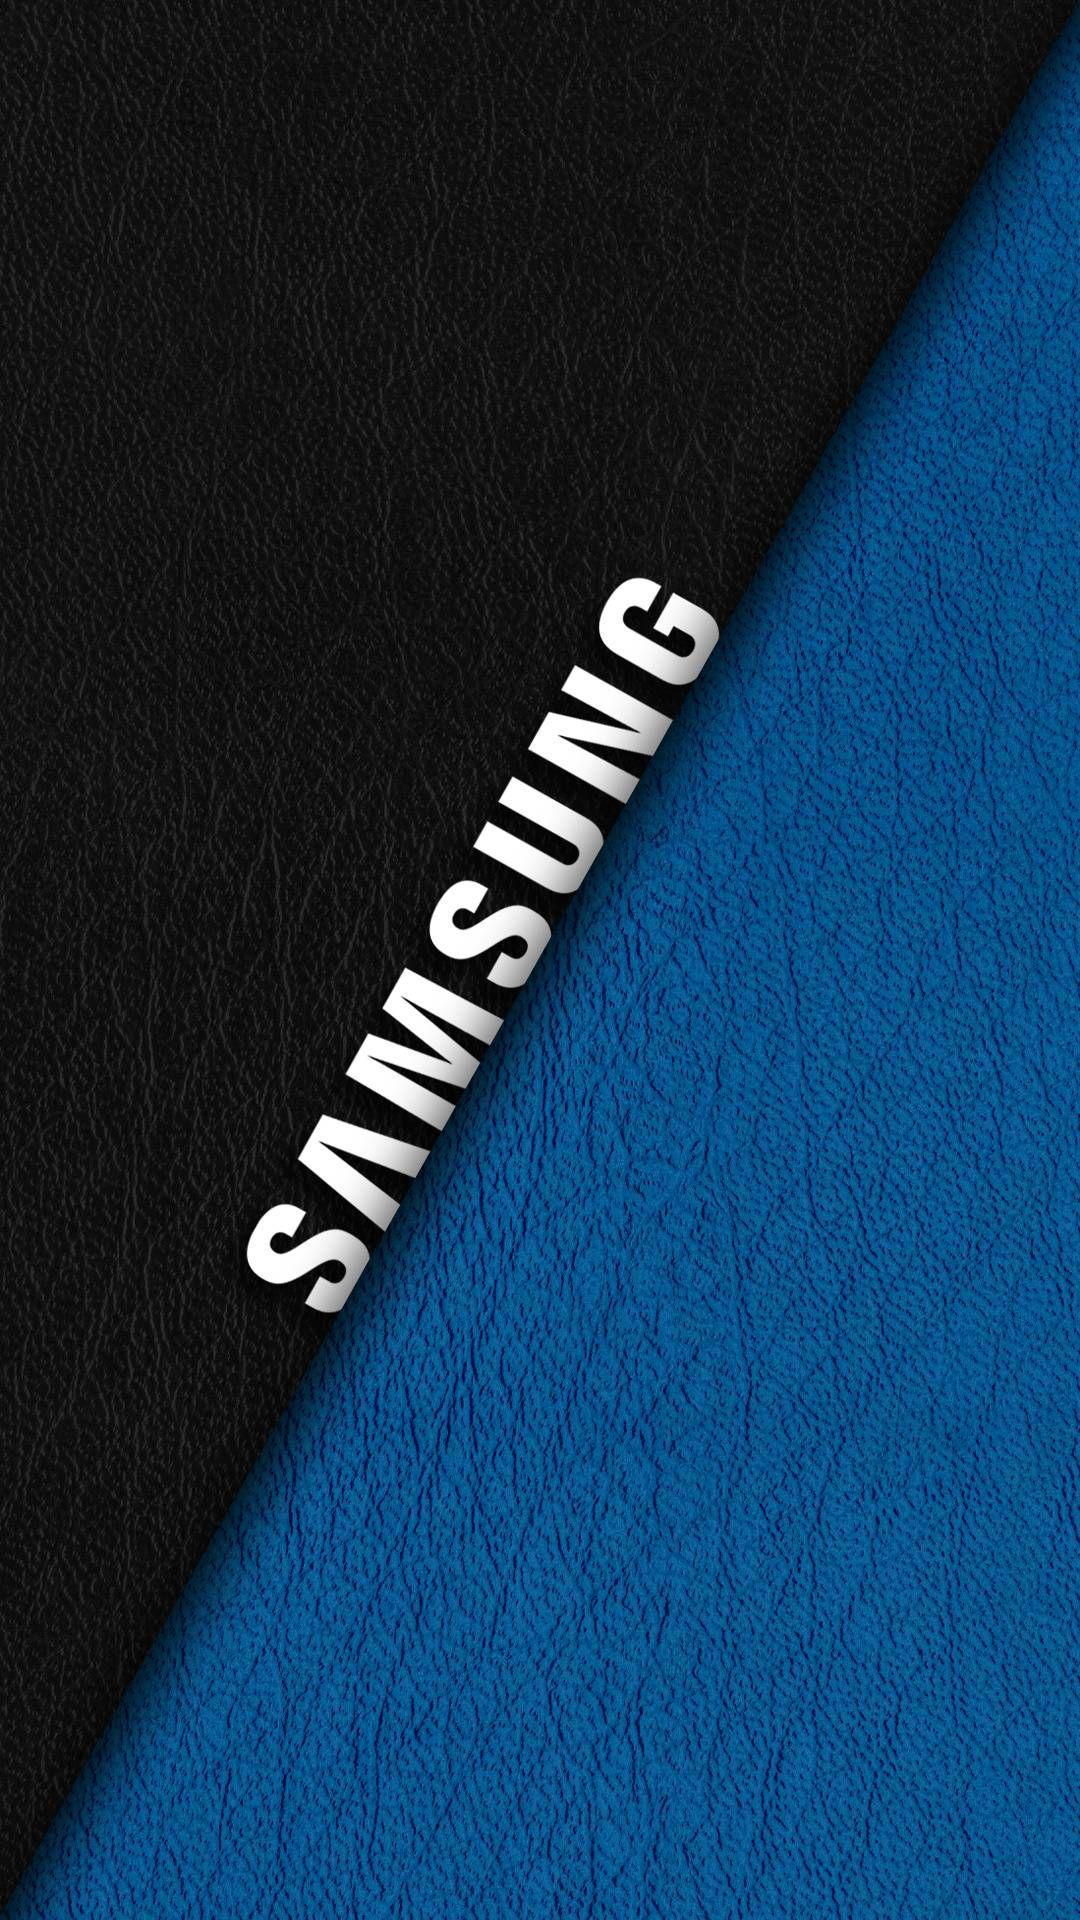 Fondos de samsung logo